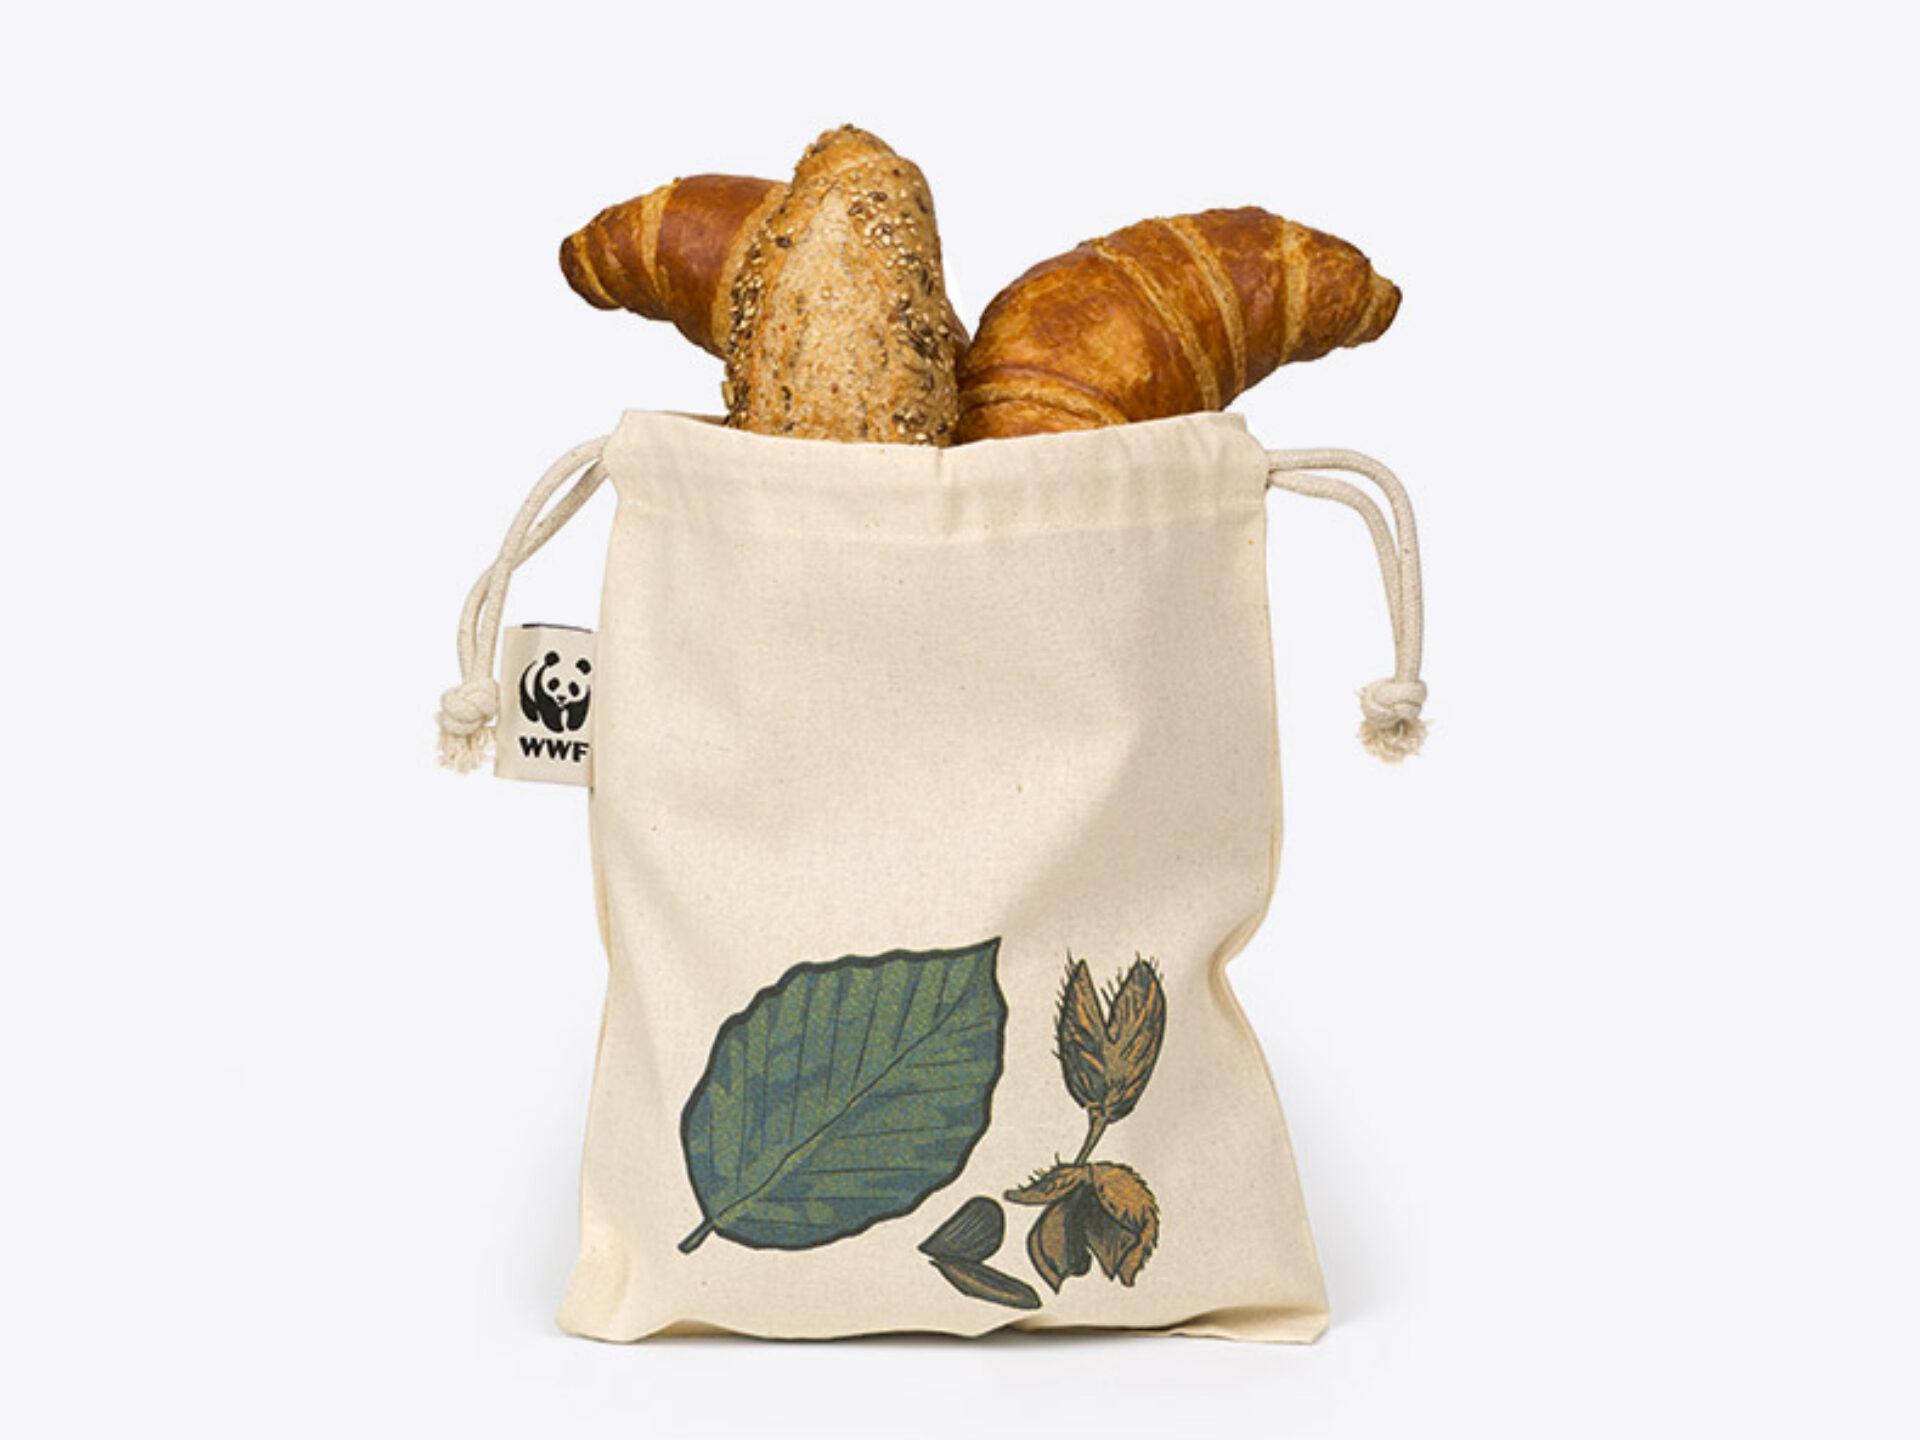 Brotbeutel Mit Logo Bedruckt Variationen Wwf